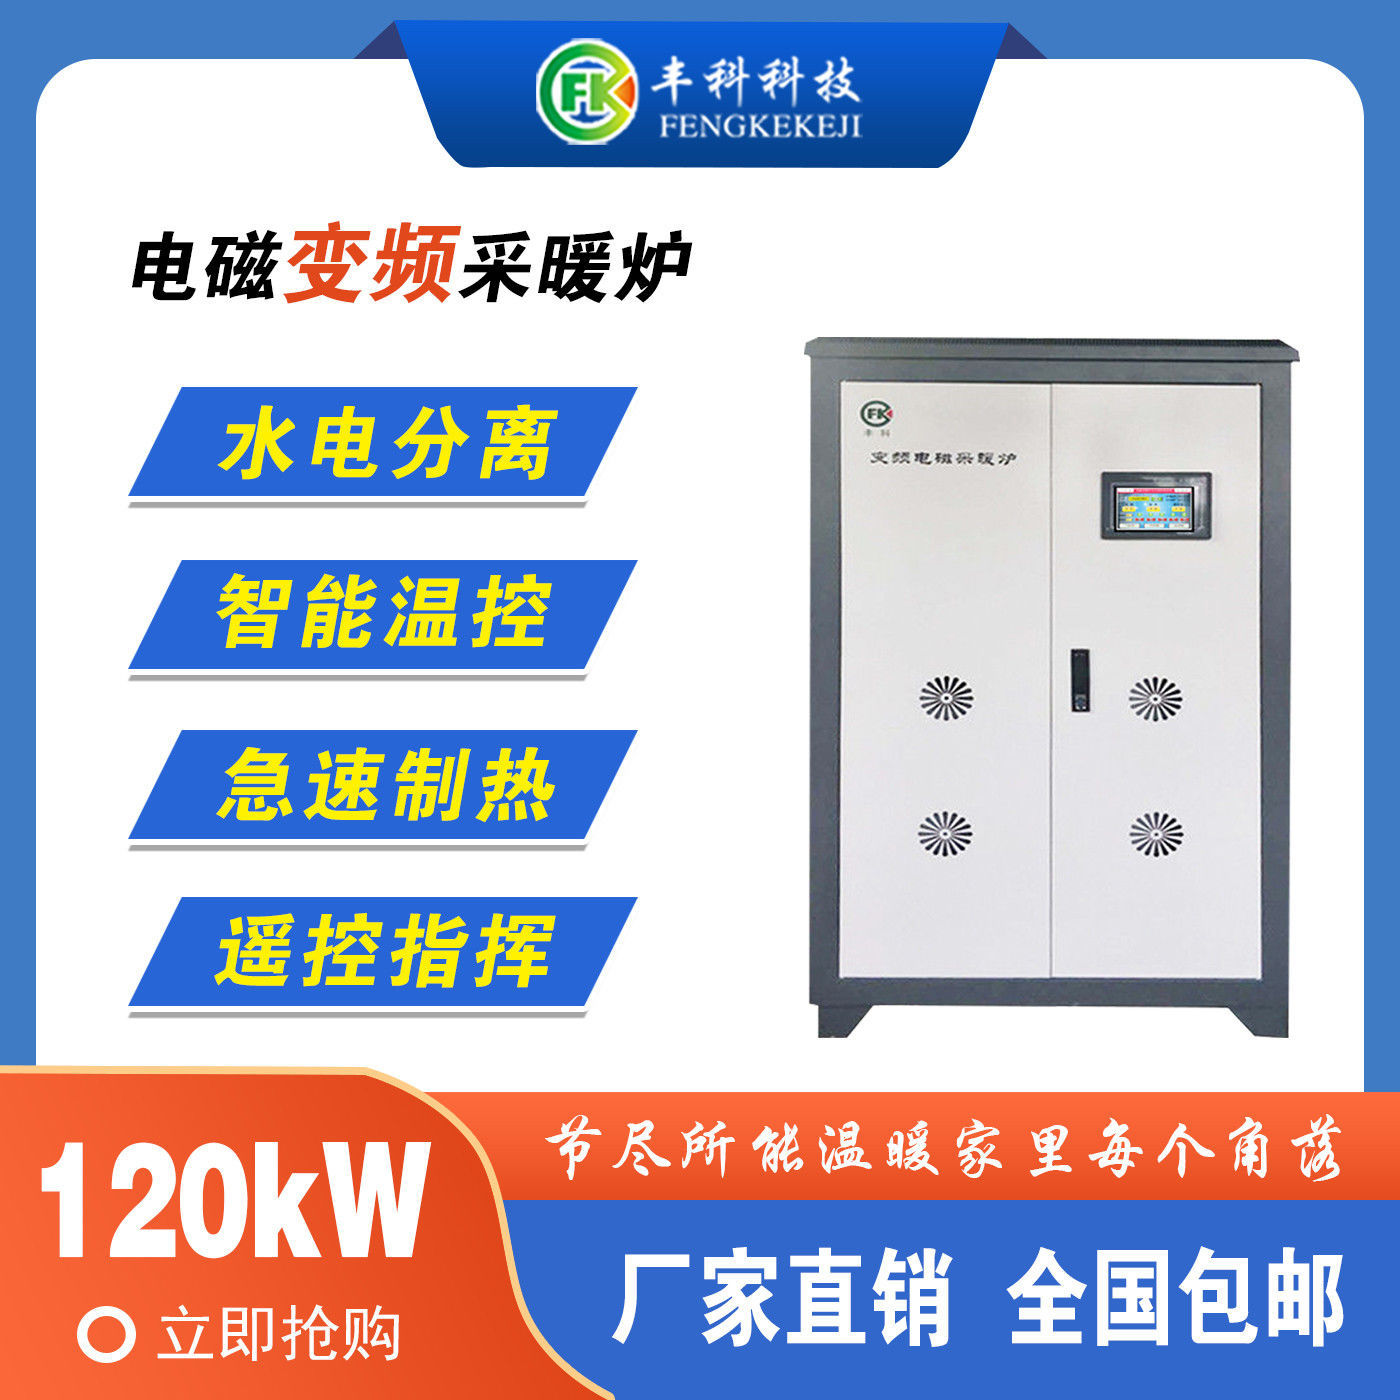 120kw变频电磁采暖炉全自动智能取暖器煤改电节能环保电锅炉